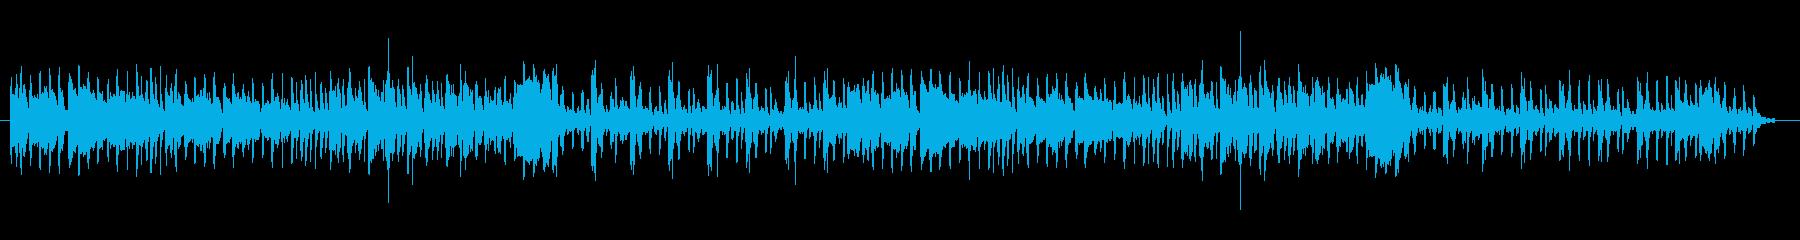 電気屋さんの店内BGMっぽい曲の再生済みの波形